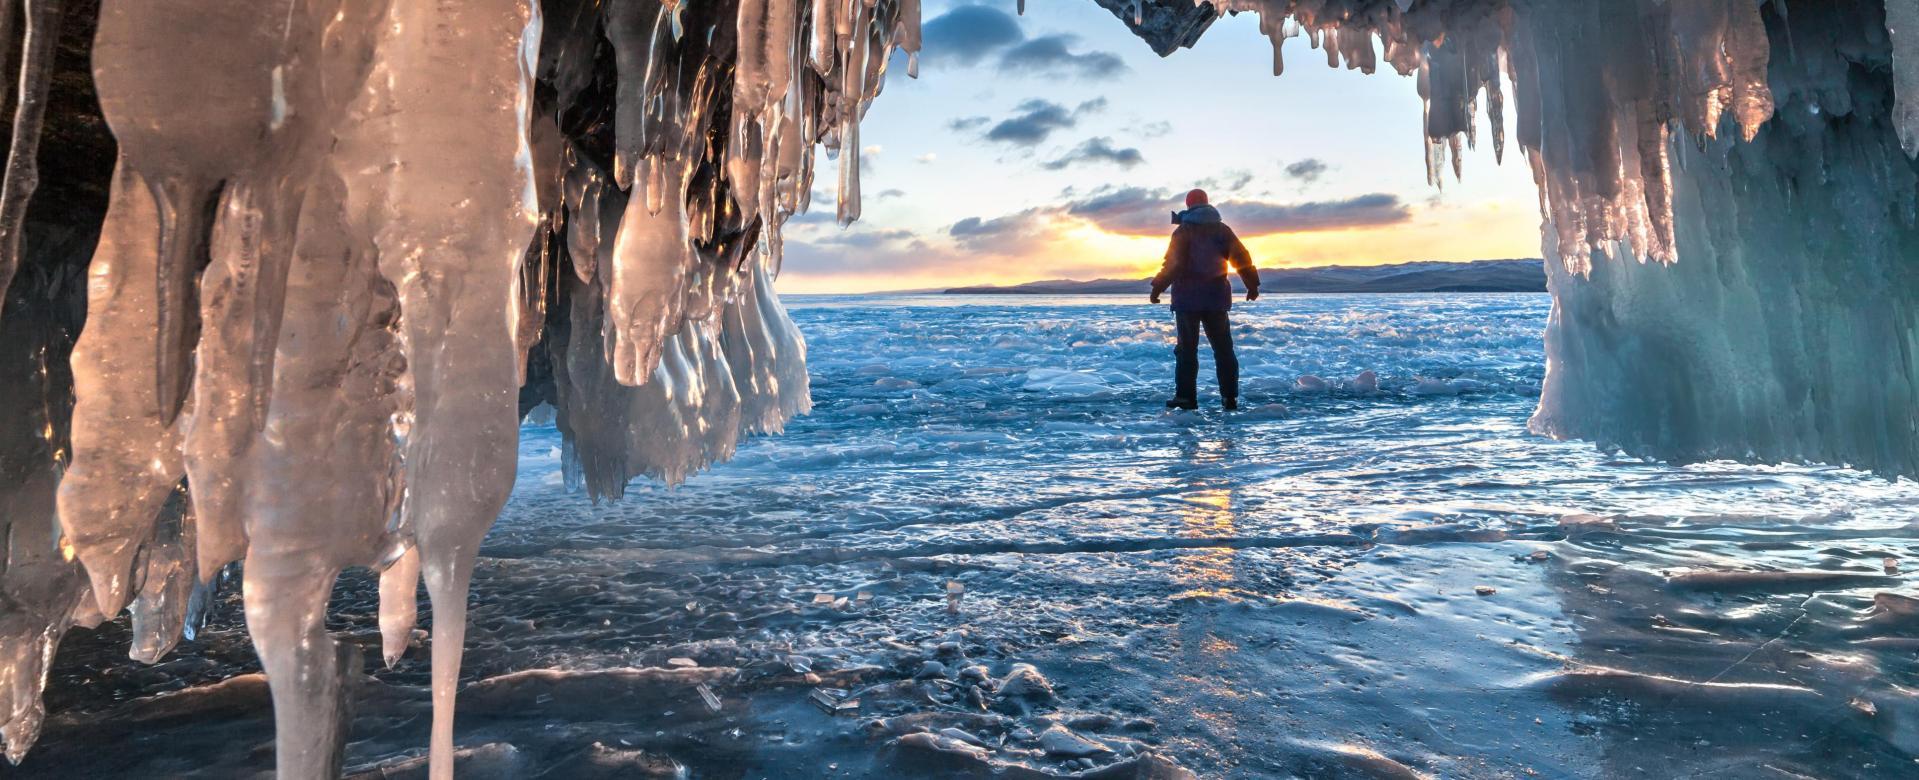 Voyage à la neige : Aventure au baïkal en hiver